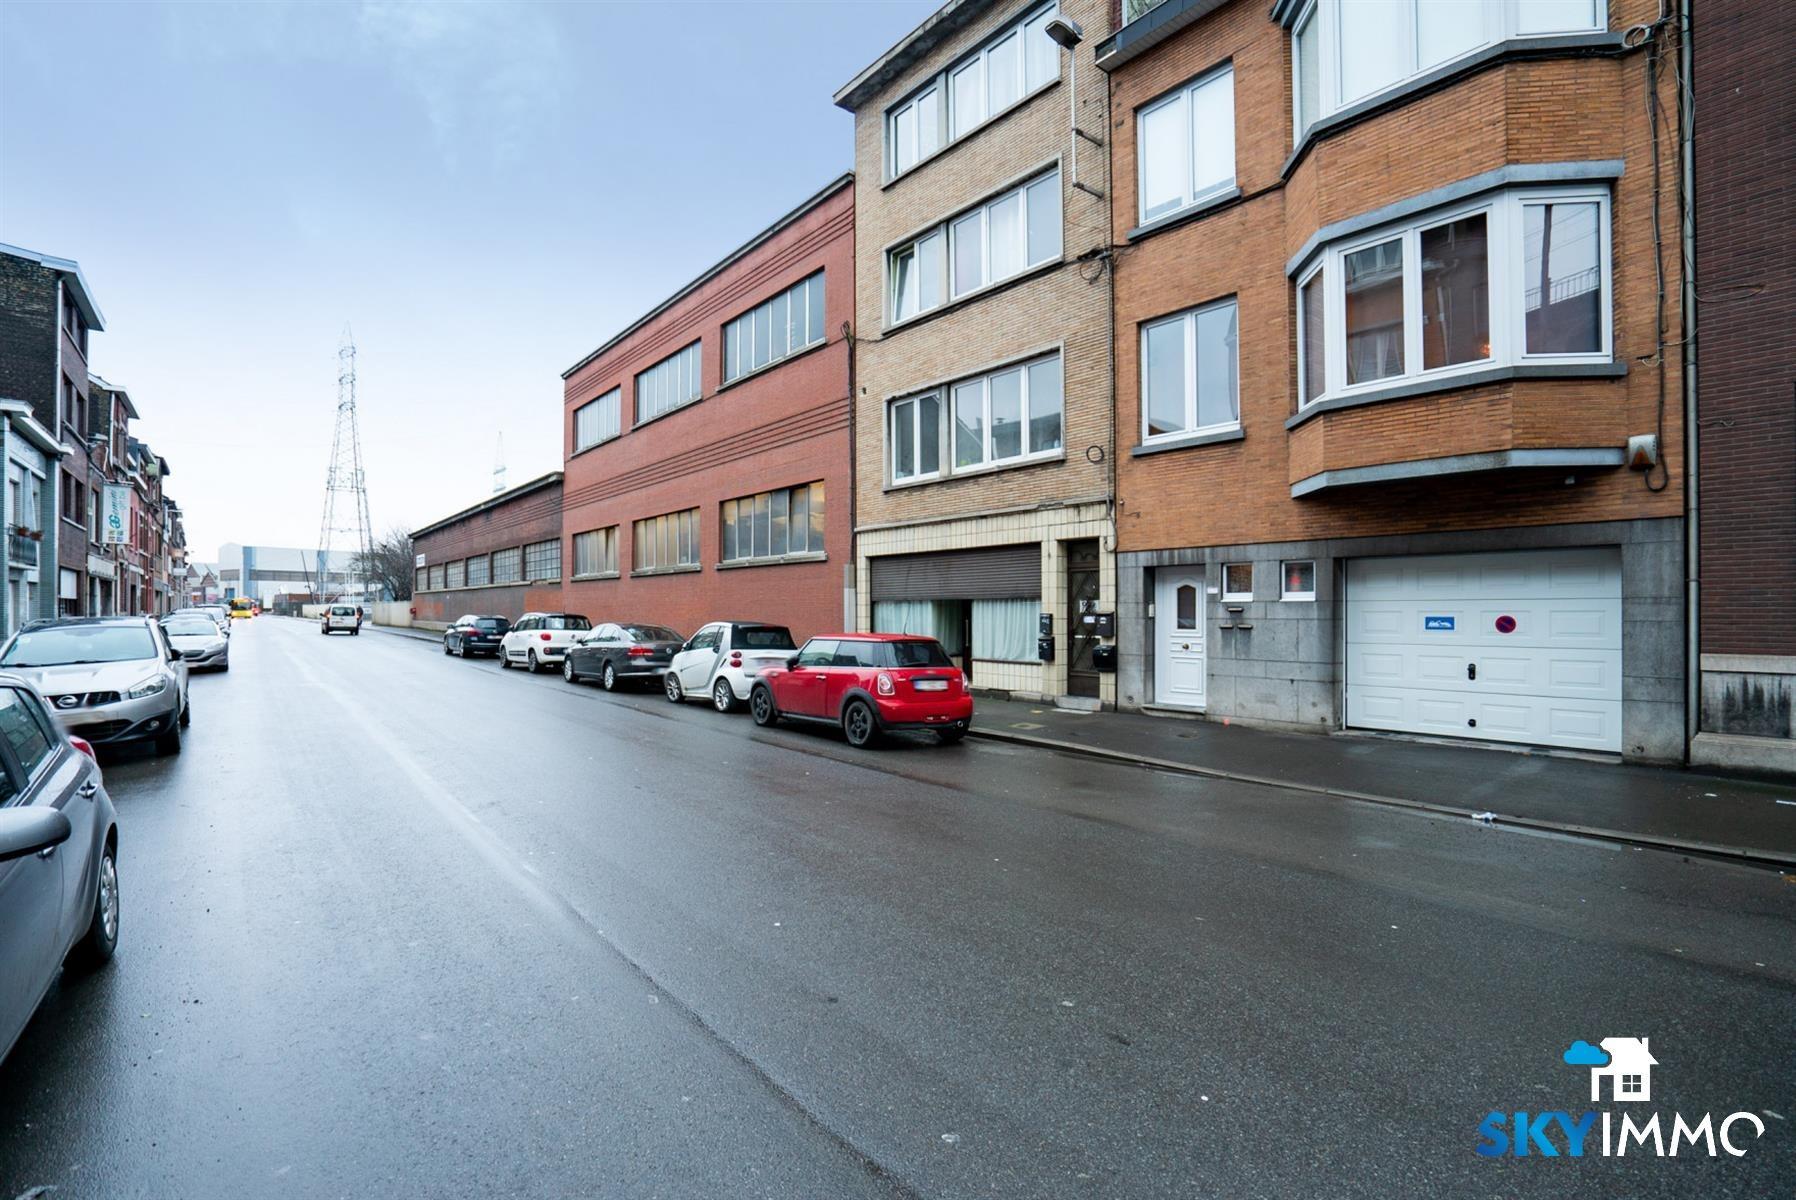 Maison - Liège - #4262984-50